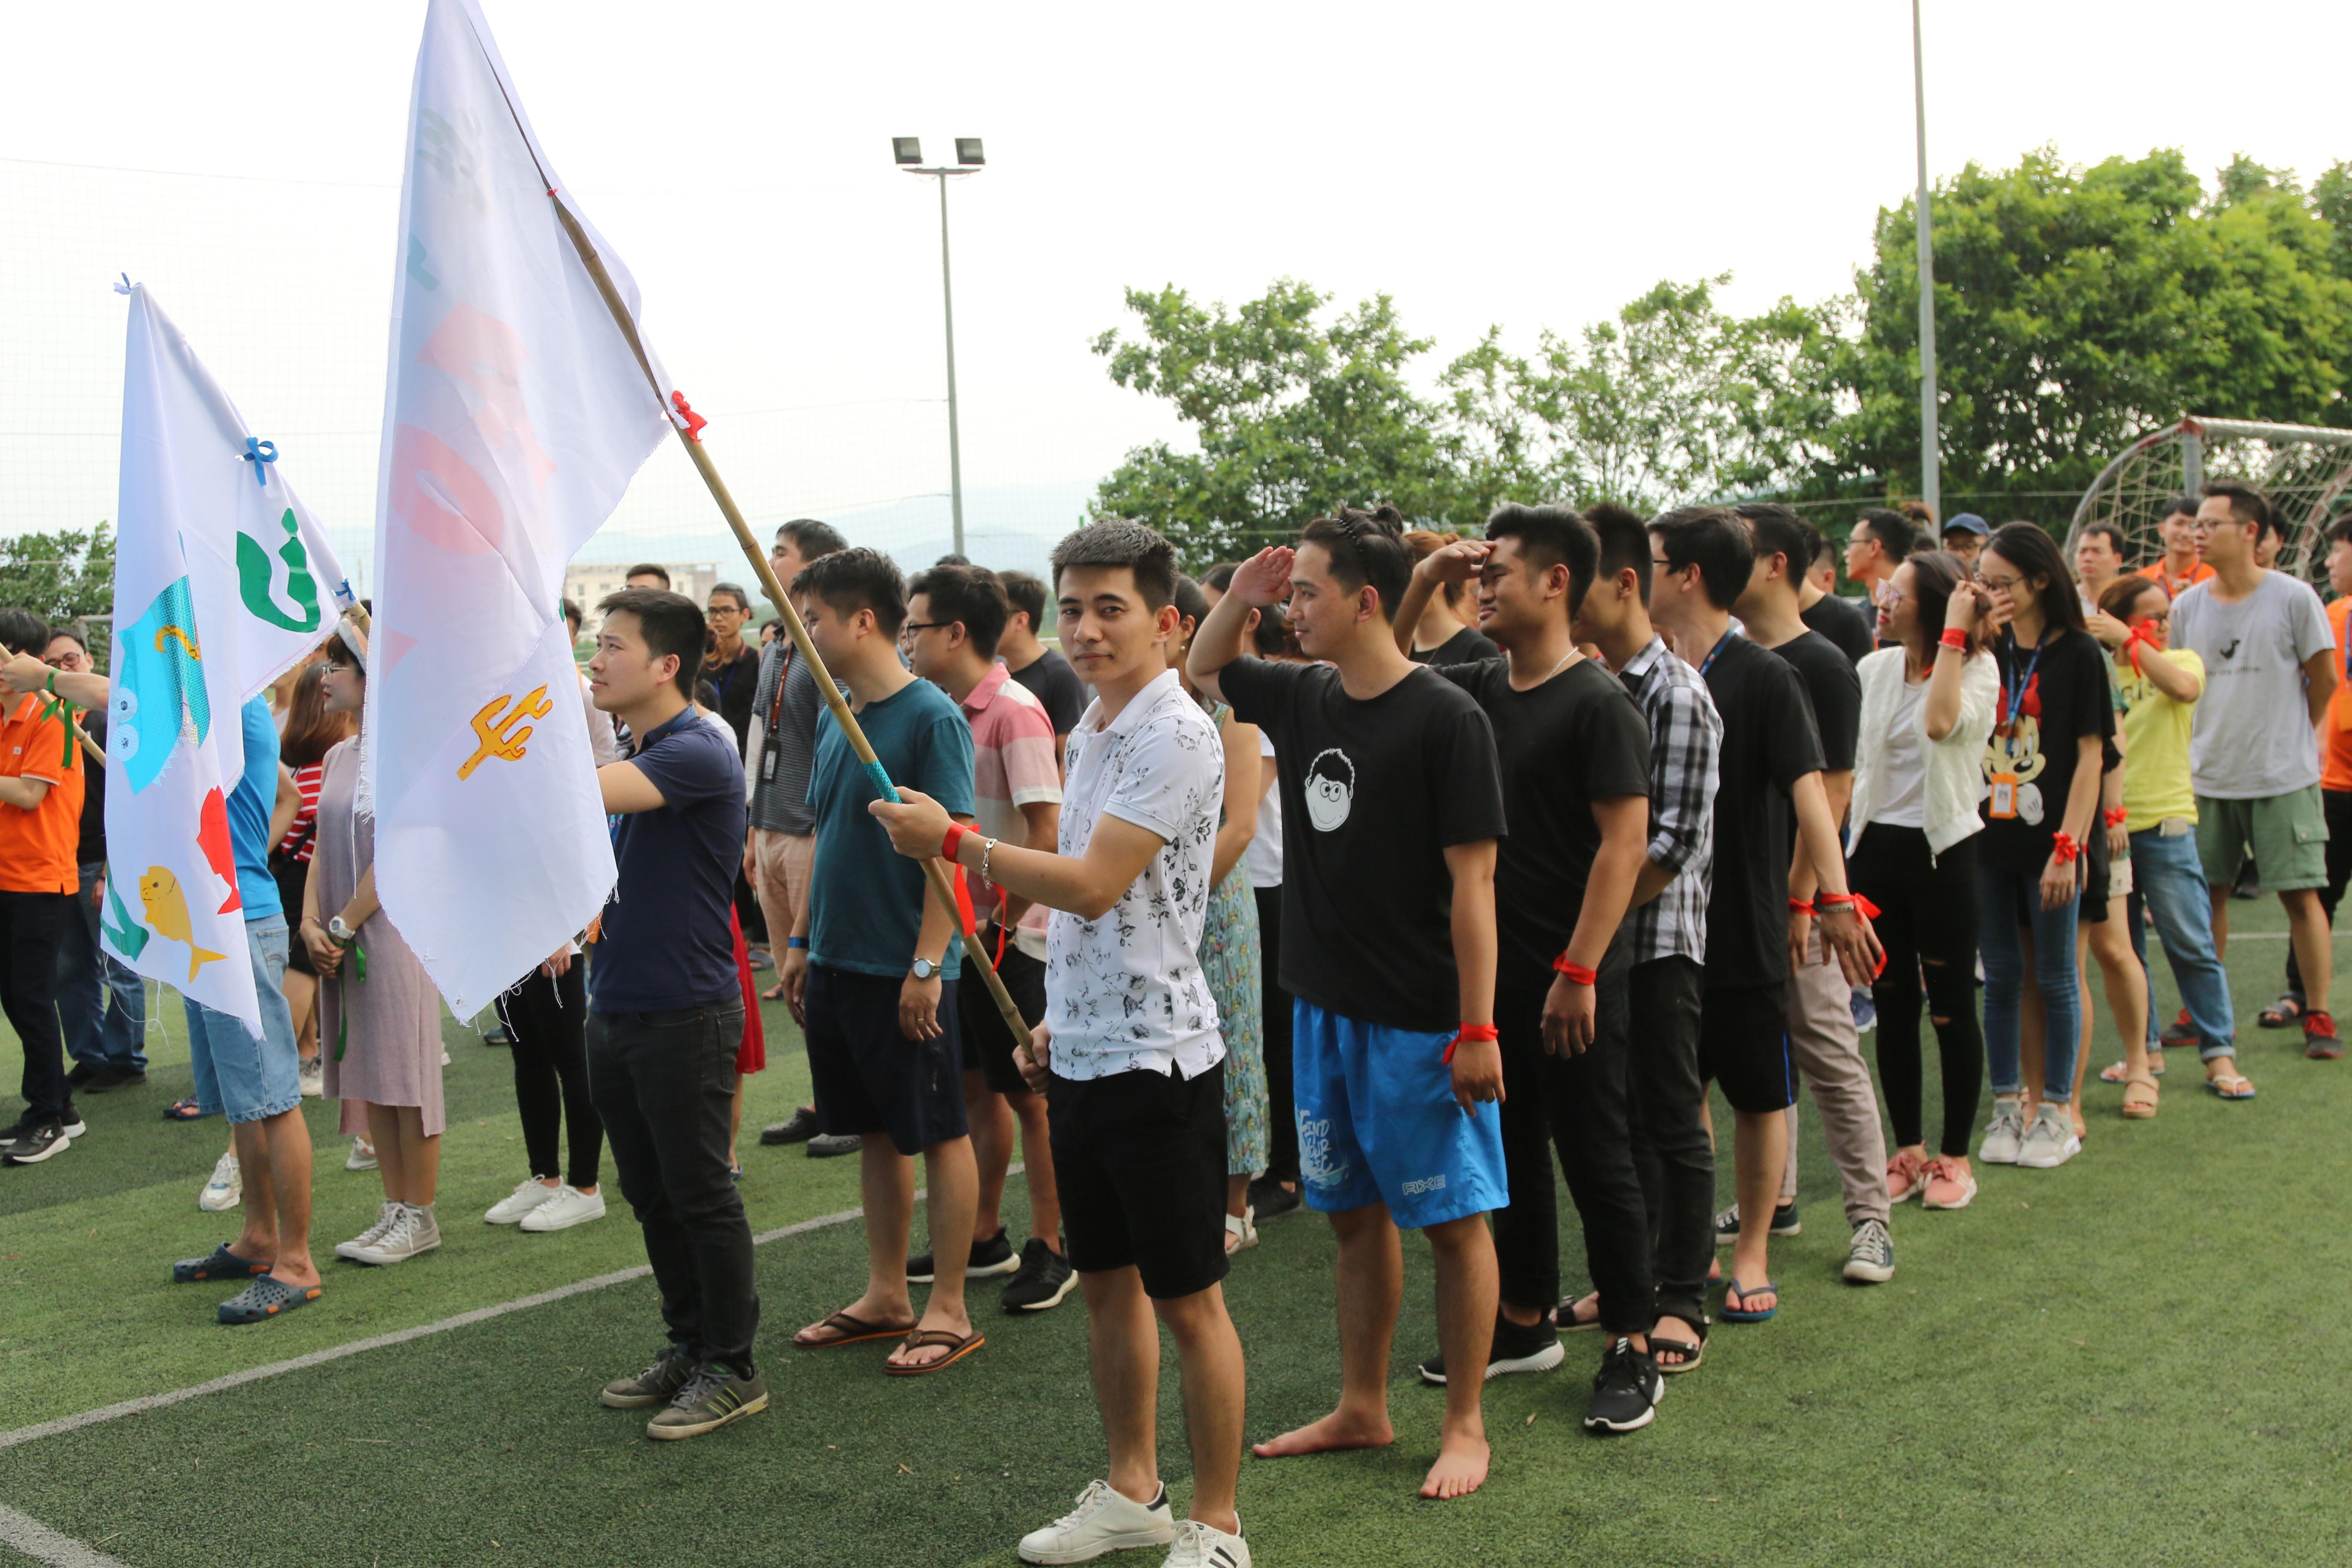 Đoàn di chuyển ra sân bóng F-Ville 1 để thực hiện nghi thức chào cờ, trước khi chuẩn bị cho trò chơi tiếp theo.